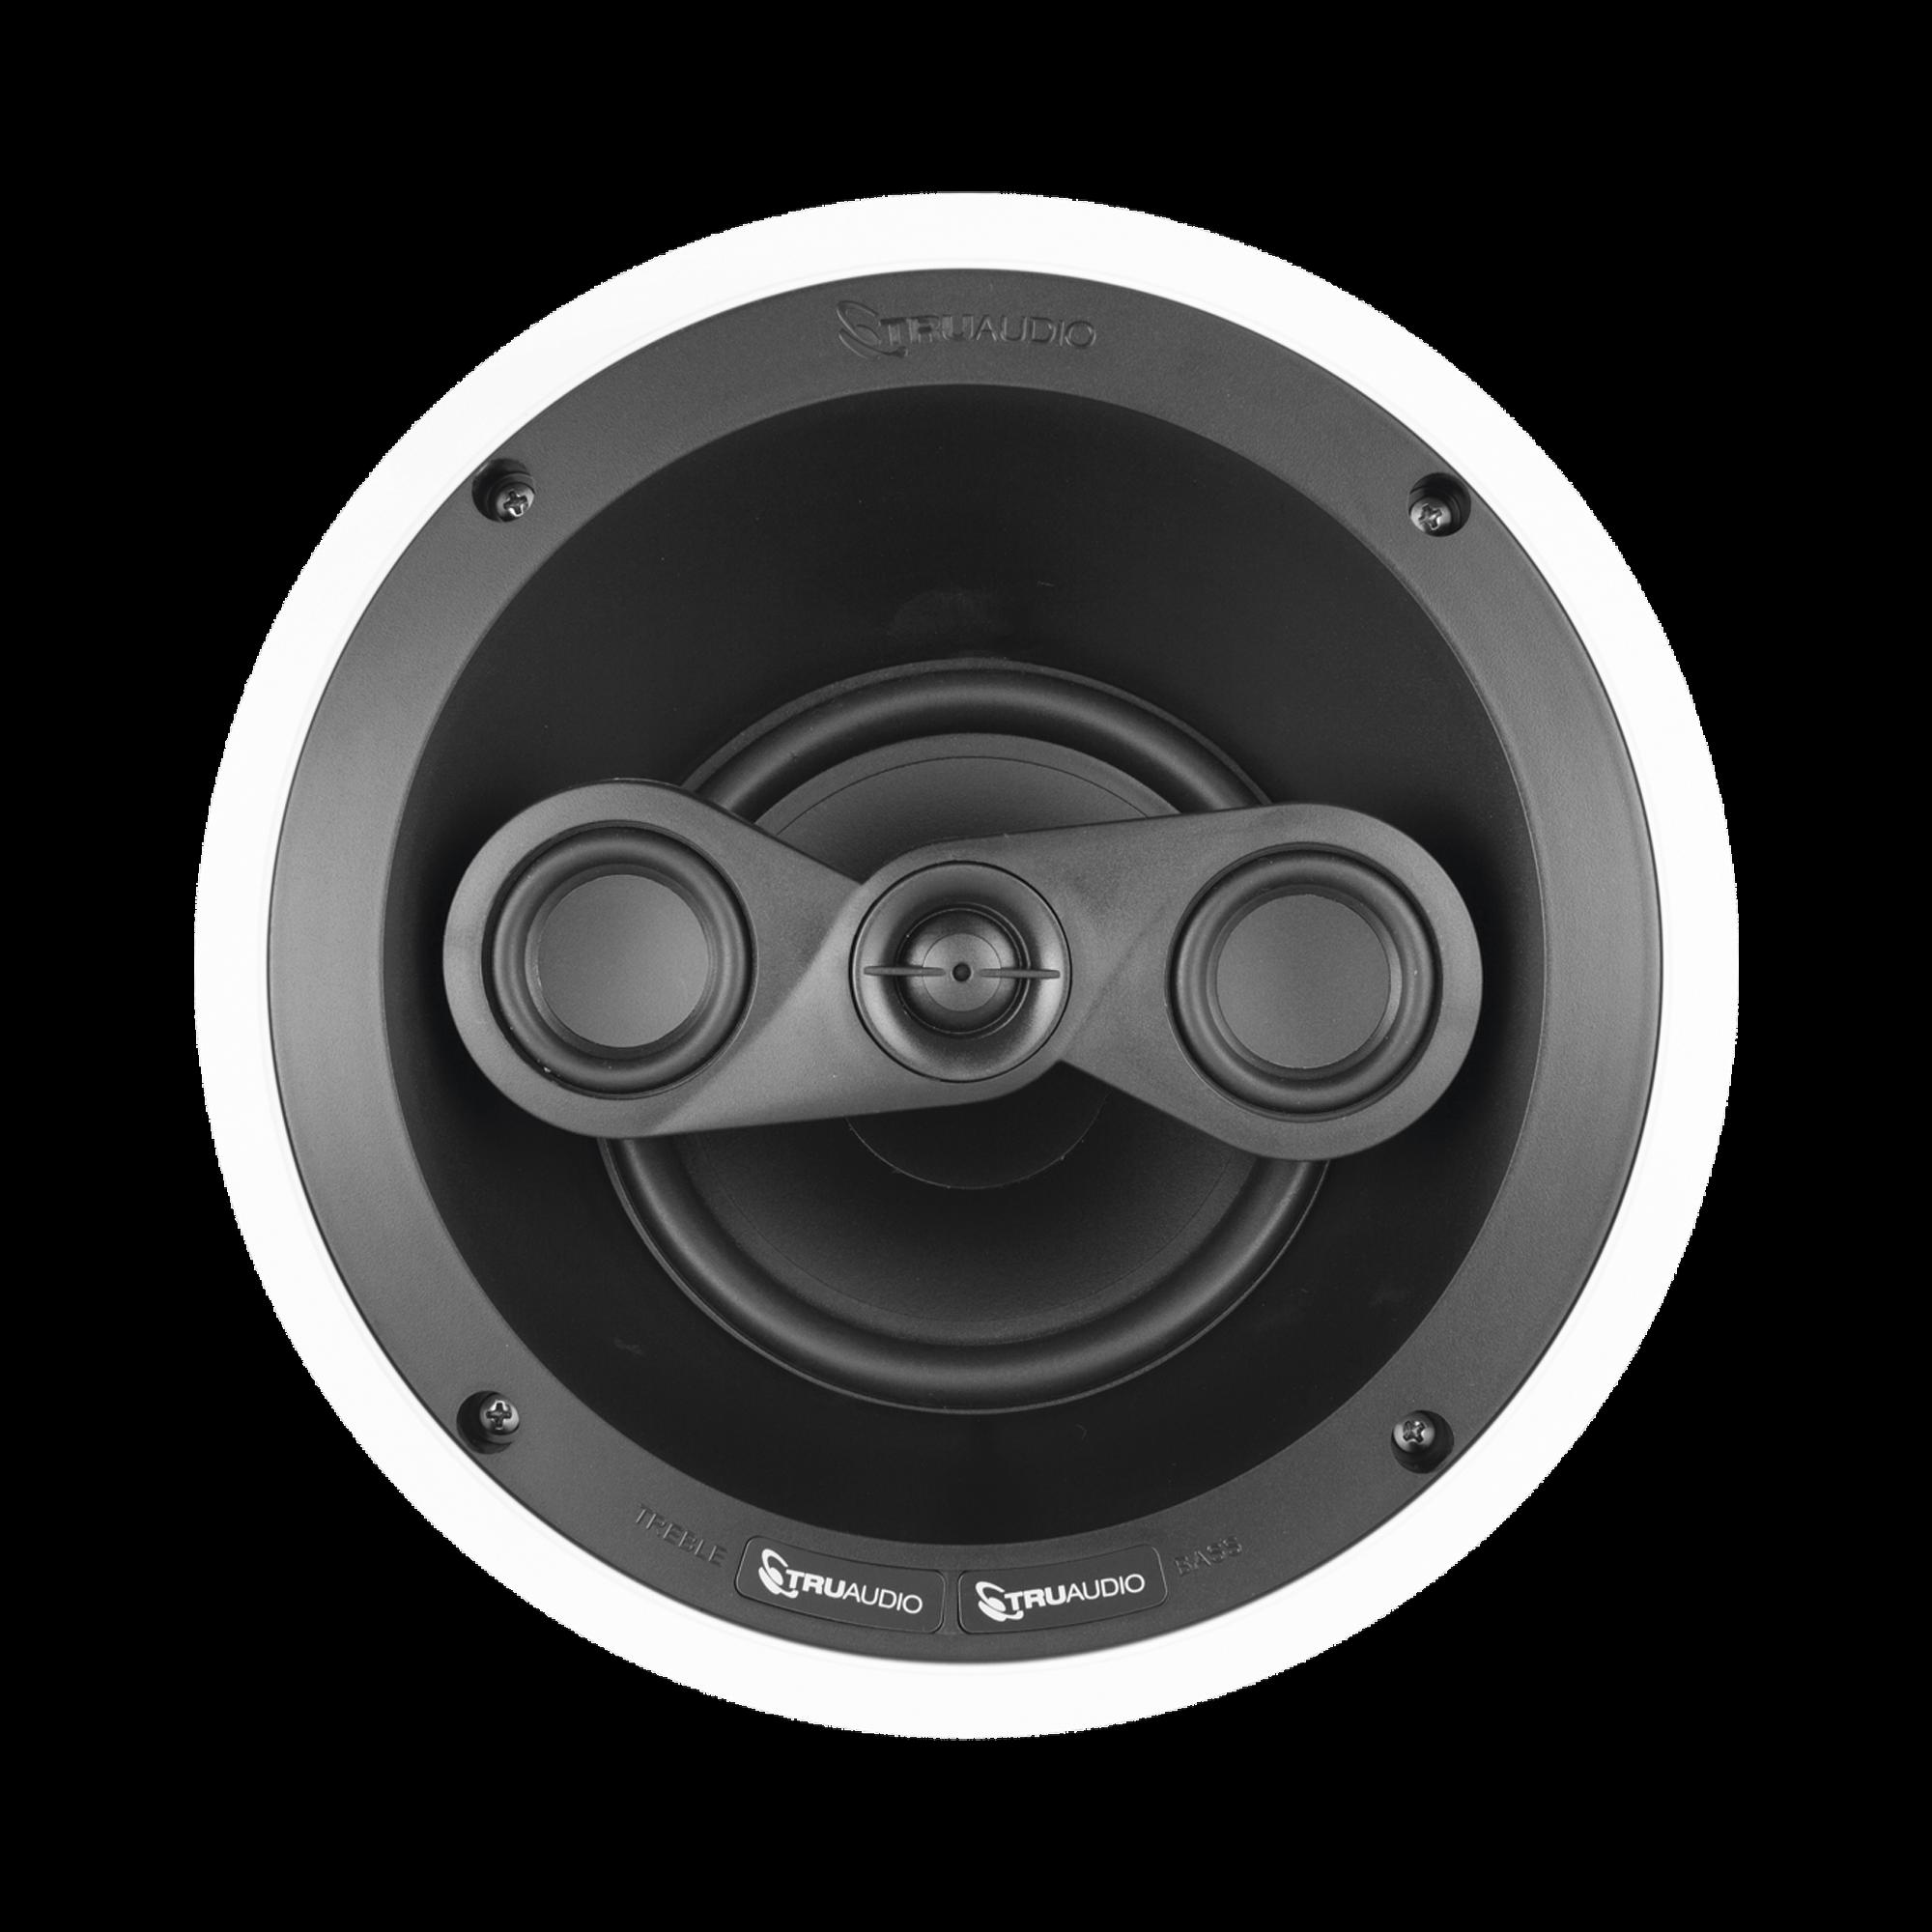 Revolve Series Altavoz LCR de techo de 6.5in y 3 vías con Woofer de polietileno